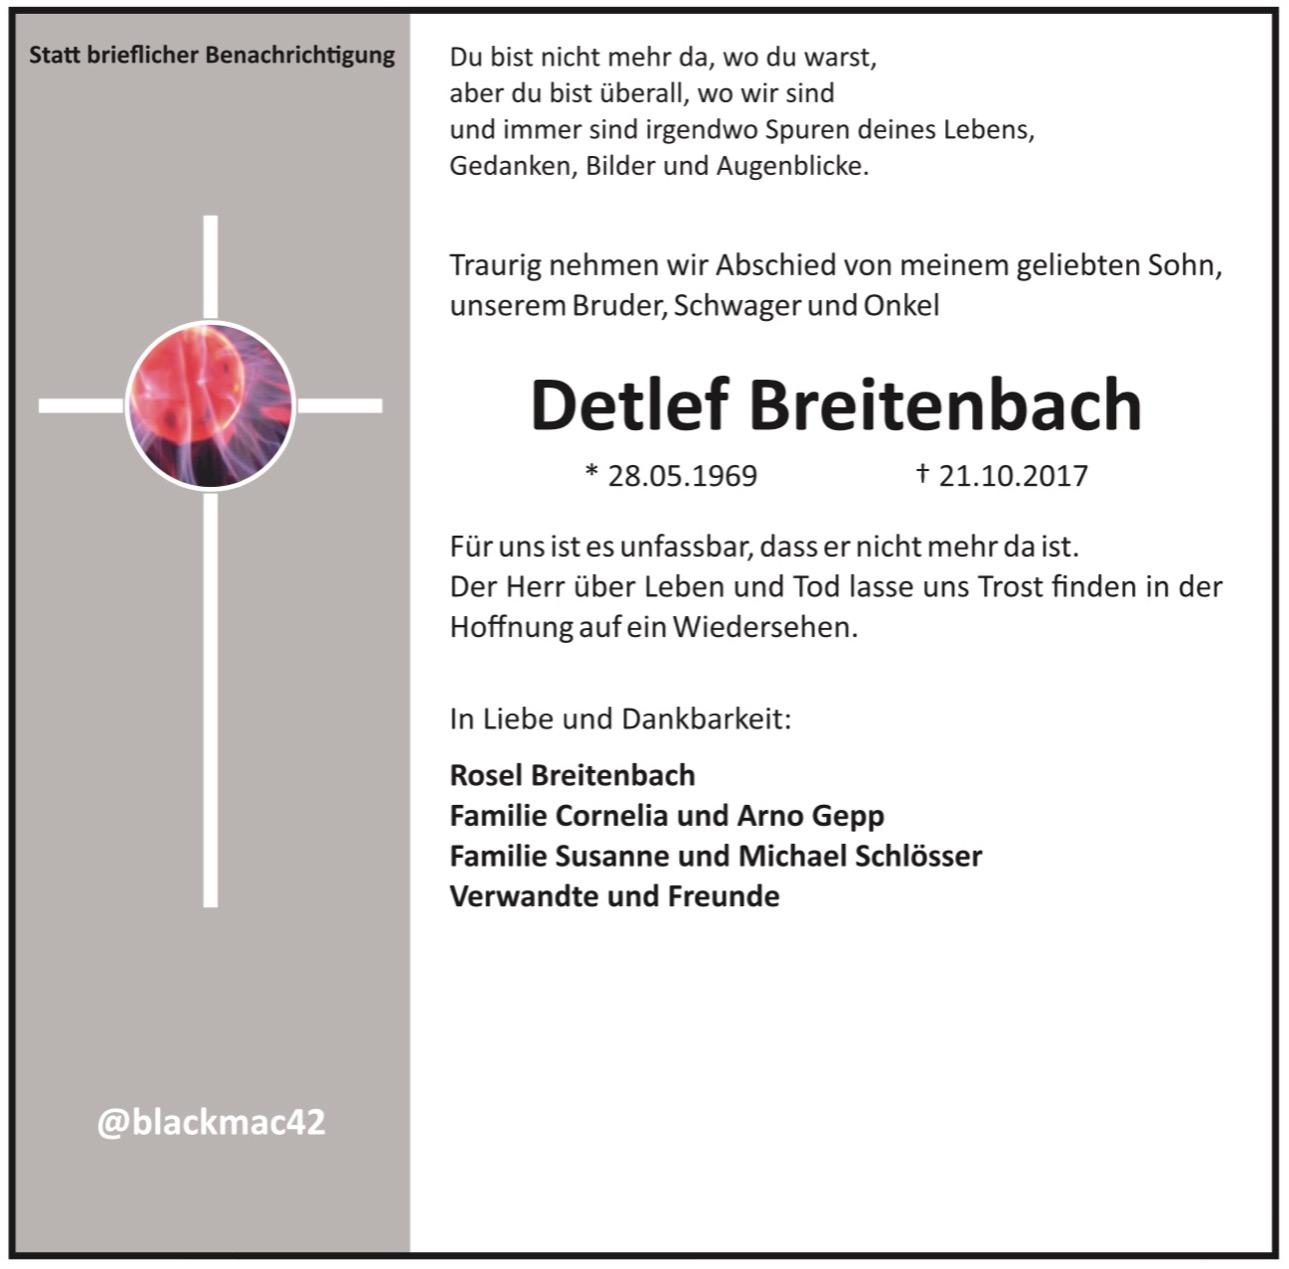 Traueranzeige Detlef Breitenbach alias @blackmac42